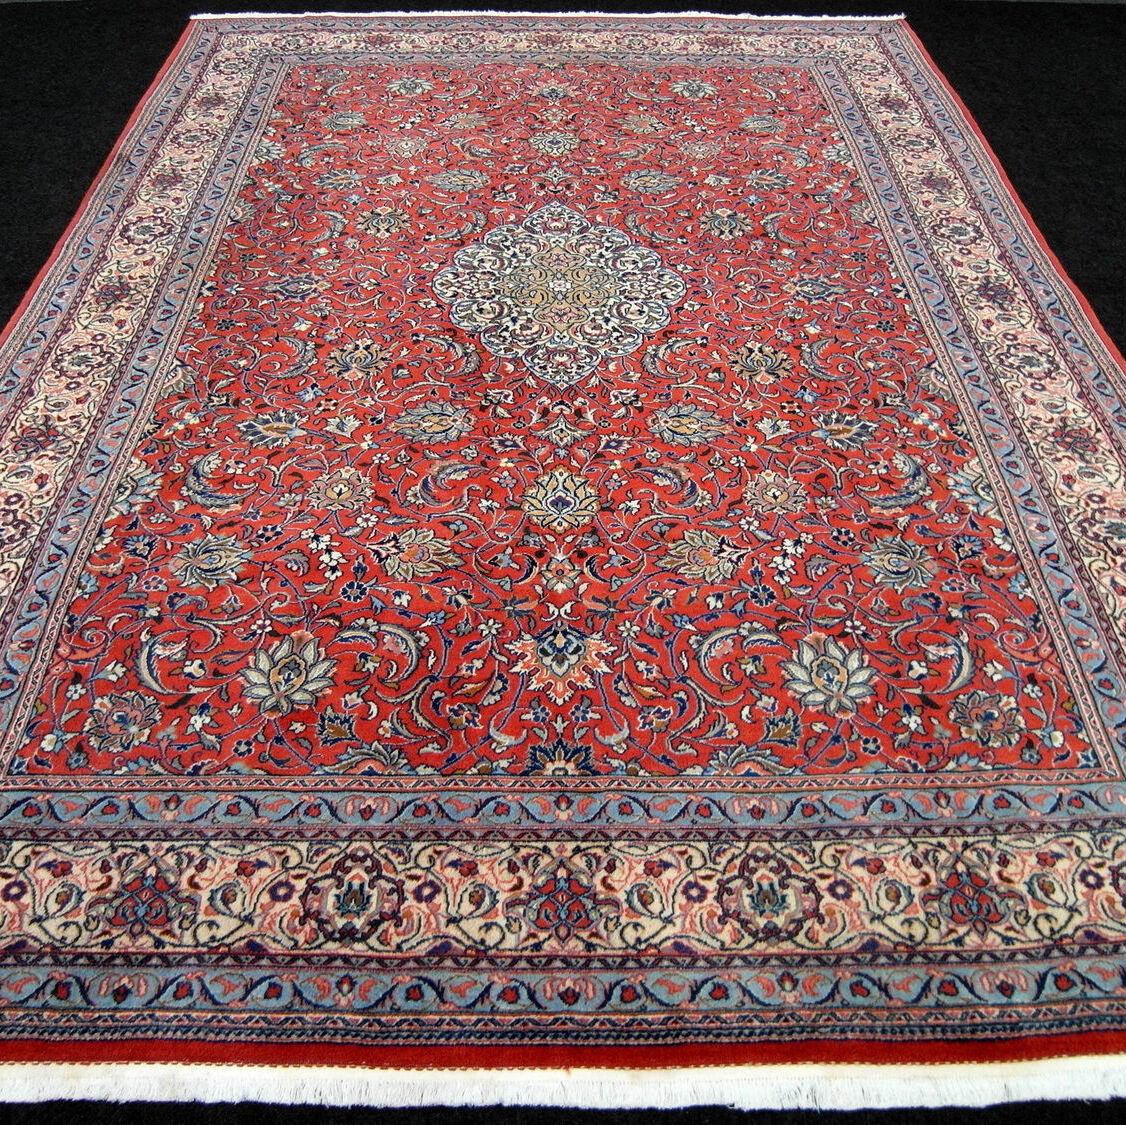 Orient Teppich Rot 354 x 248 cm Beige Beige Beige Perserteppich Medaillon Floral Carpet Rug 36ebb0